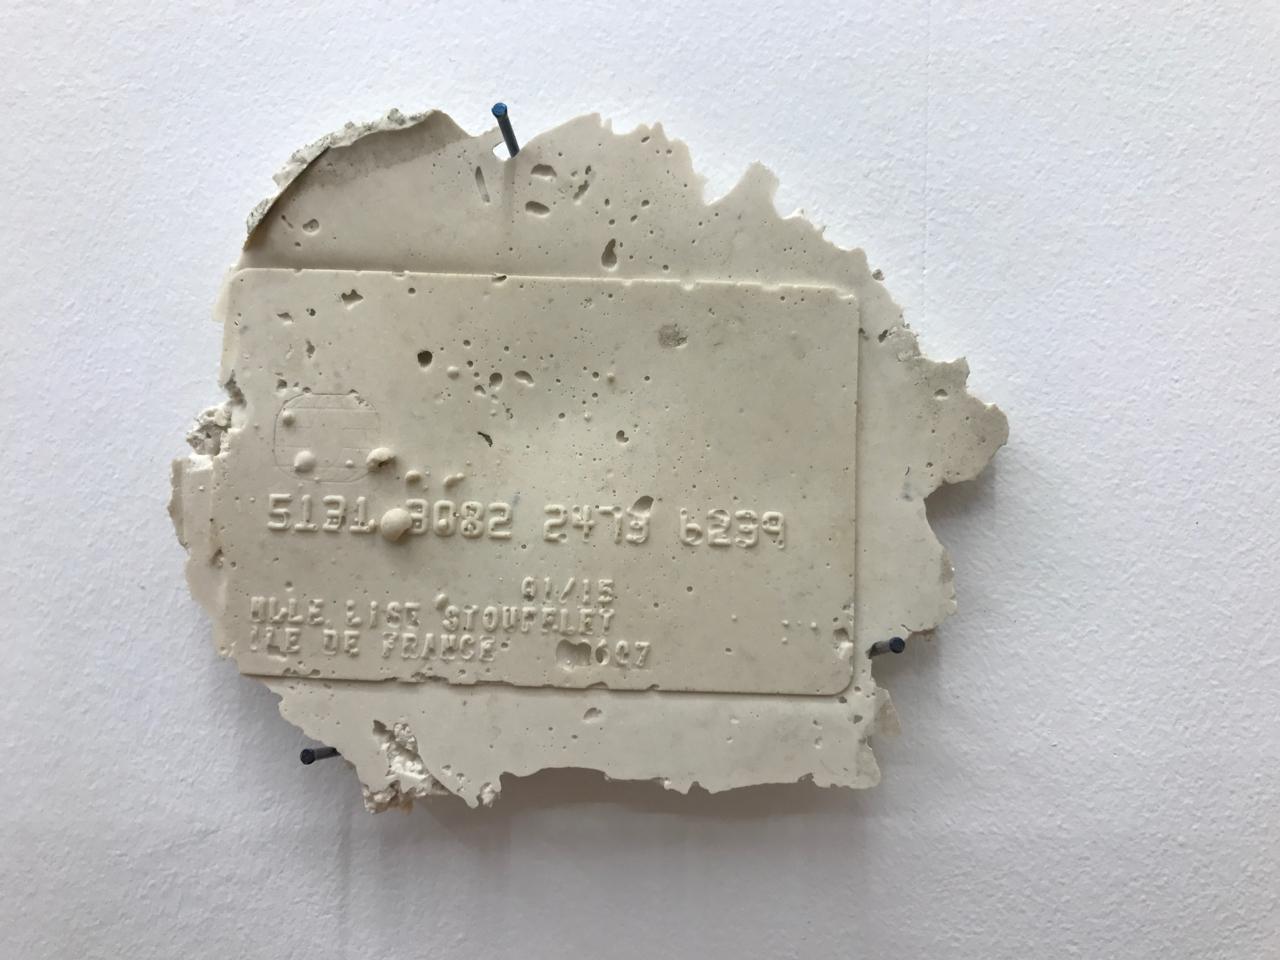 Romain Vicari,  Aquarius , 2016. Composition murale: résine transparente colorée, résine opaque sablée, métal, colorants, plâtre. CB, 13 cm x 7,5cm